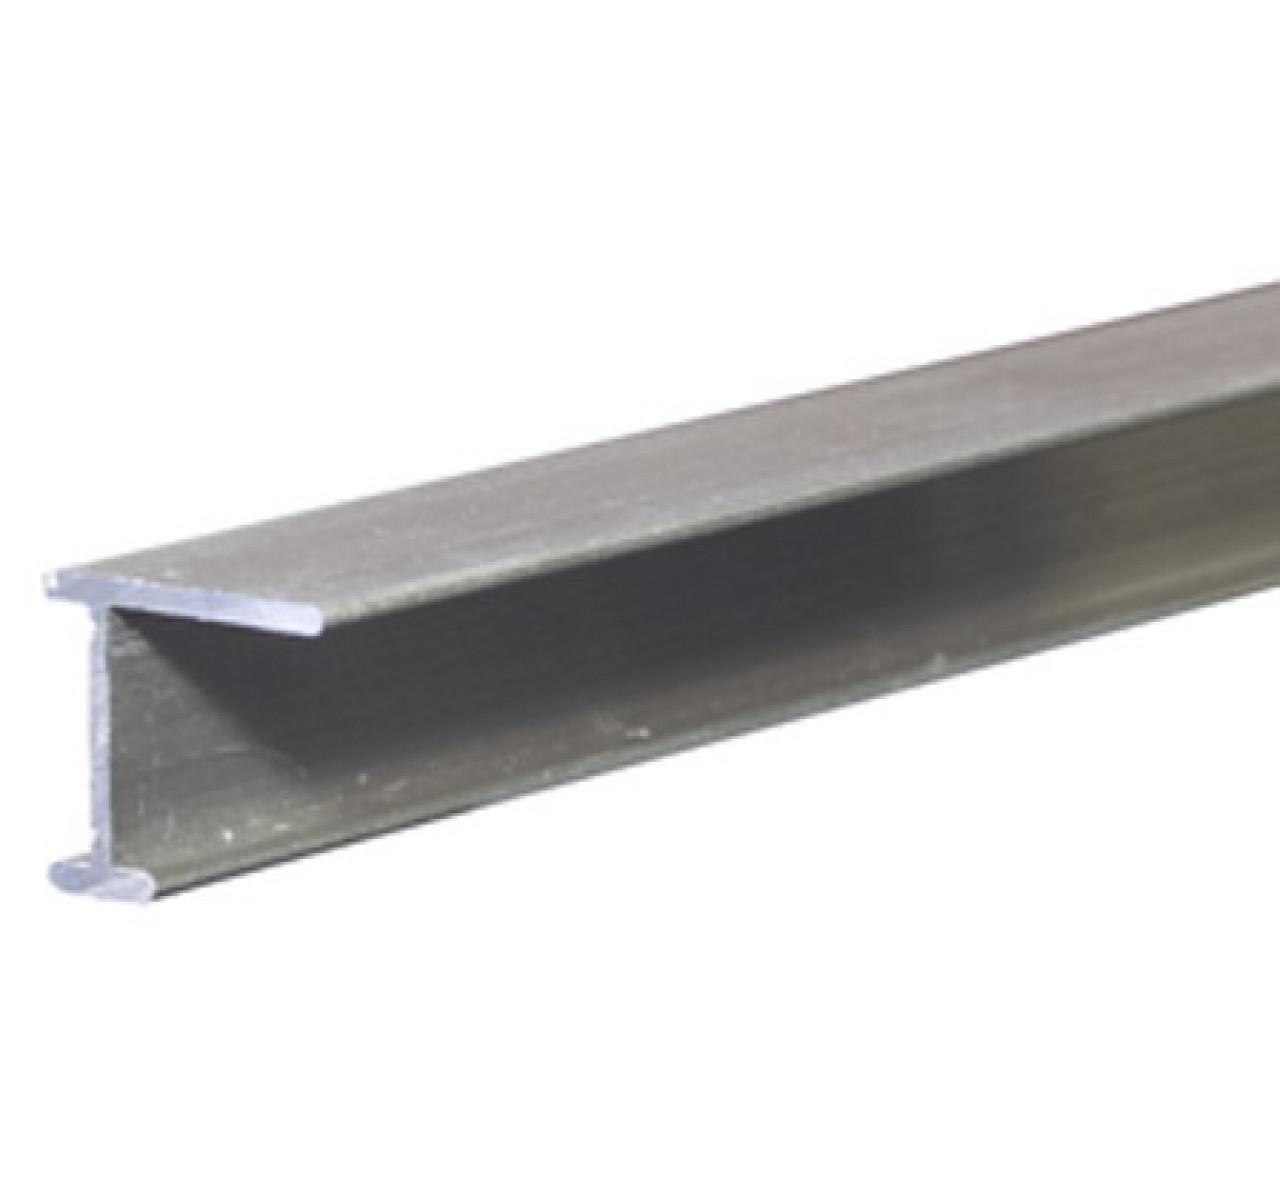 RECMAR 4200 Aluminum L Beam Curtain Track - 7 Feet